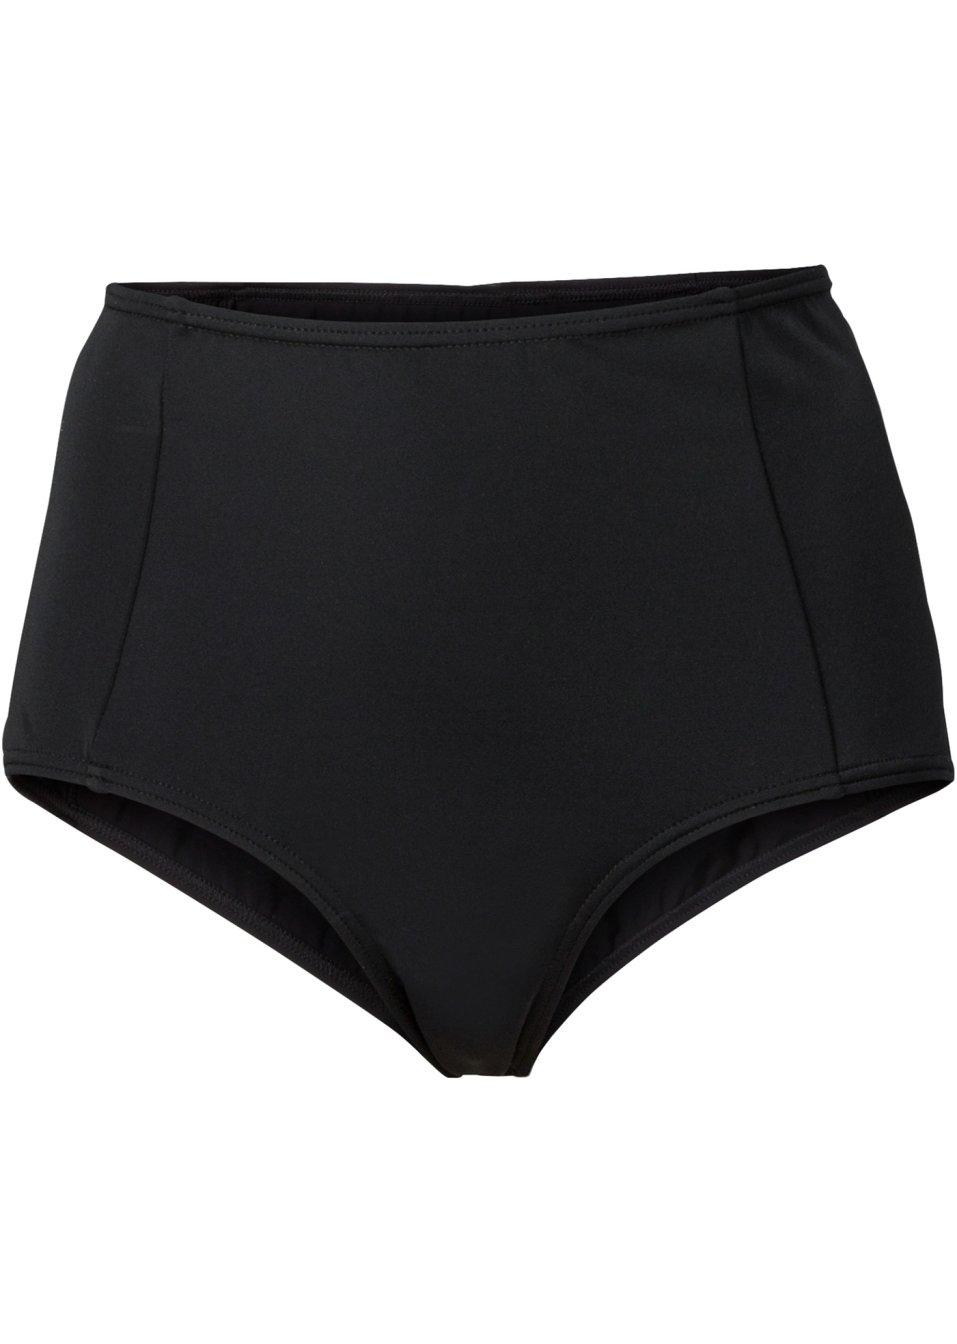 hoch geschnittene bikinihose mit ziern hten schwarz. Black Bedroom Furniture Sets. Home Design Ideas